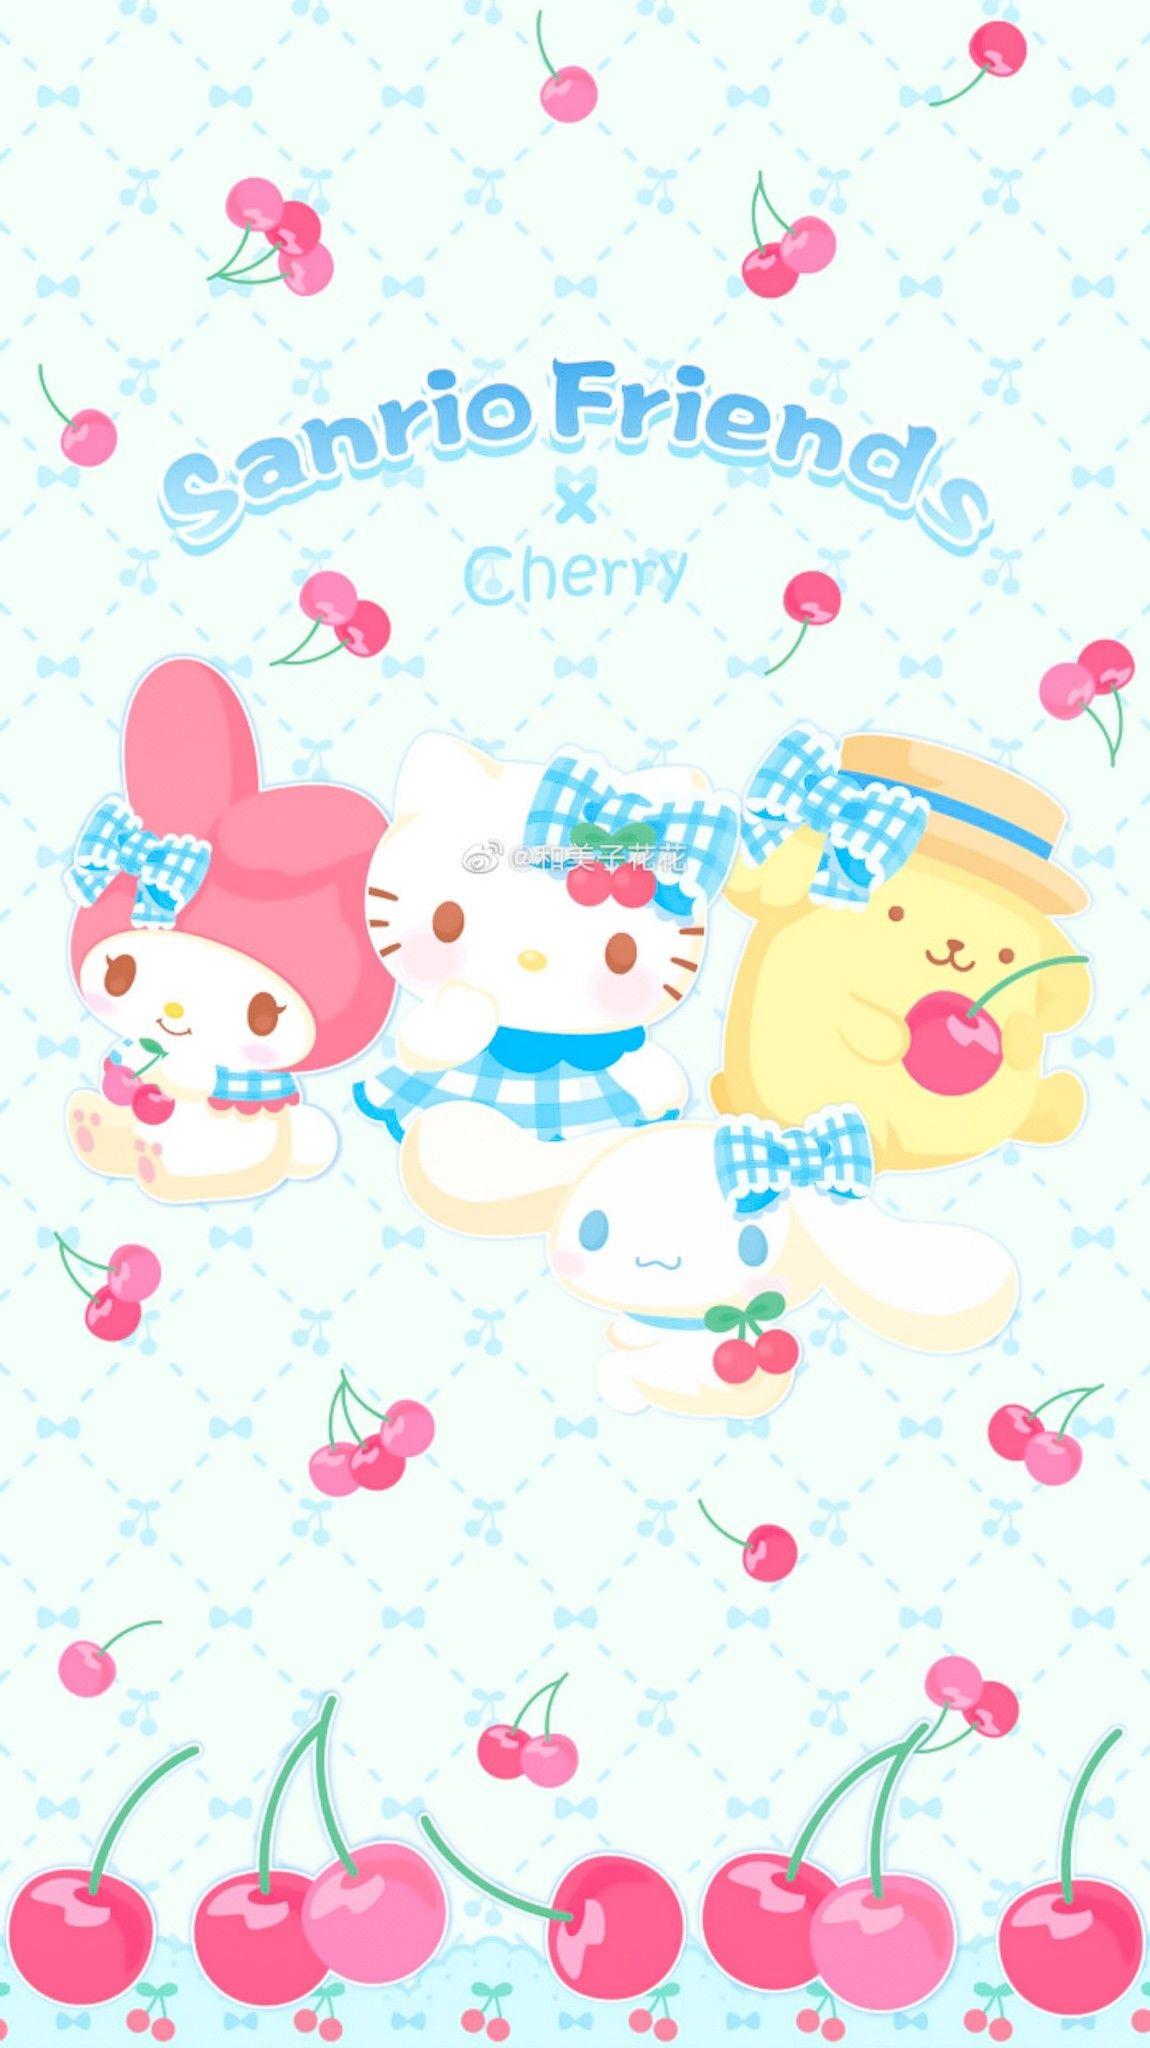 Sanrio Wallpaper おしゃれまとめの人気アイデア Pinterest Lilpang Cutiez シナモロール 壁紙 マイメロ 壁紙 サンリオ 壁紙